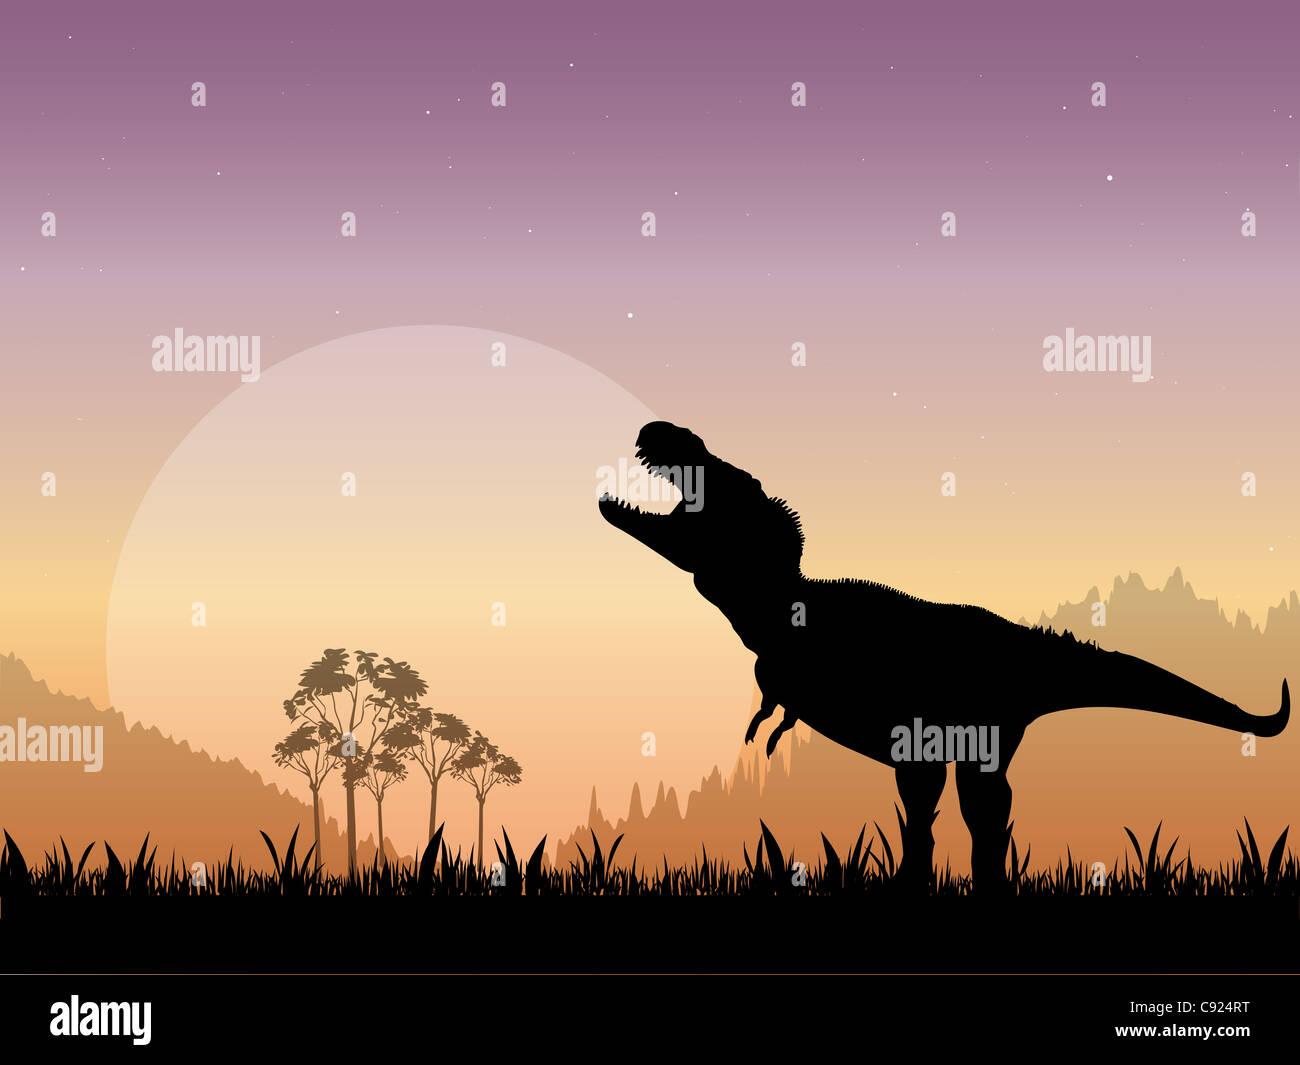 La silhouette d'un Tyrannosaurus Rex Roaring en face d'une lune terne avec un ciel étoilé en toile de fond. Banque D'Images